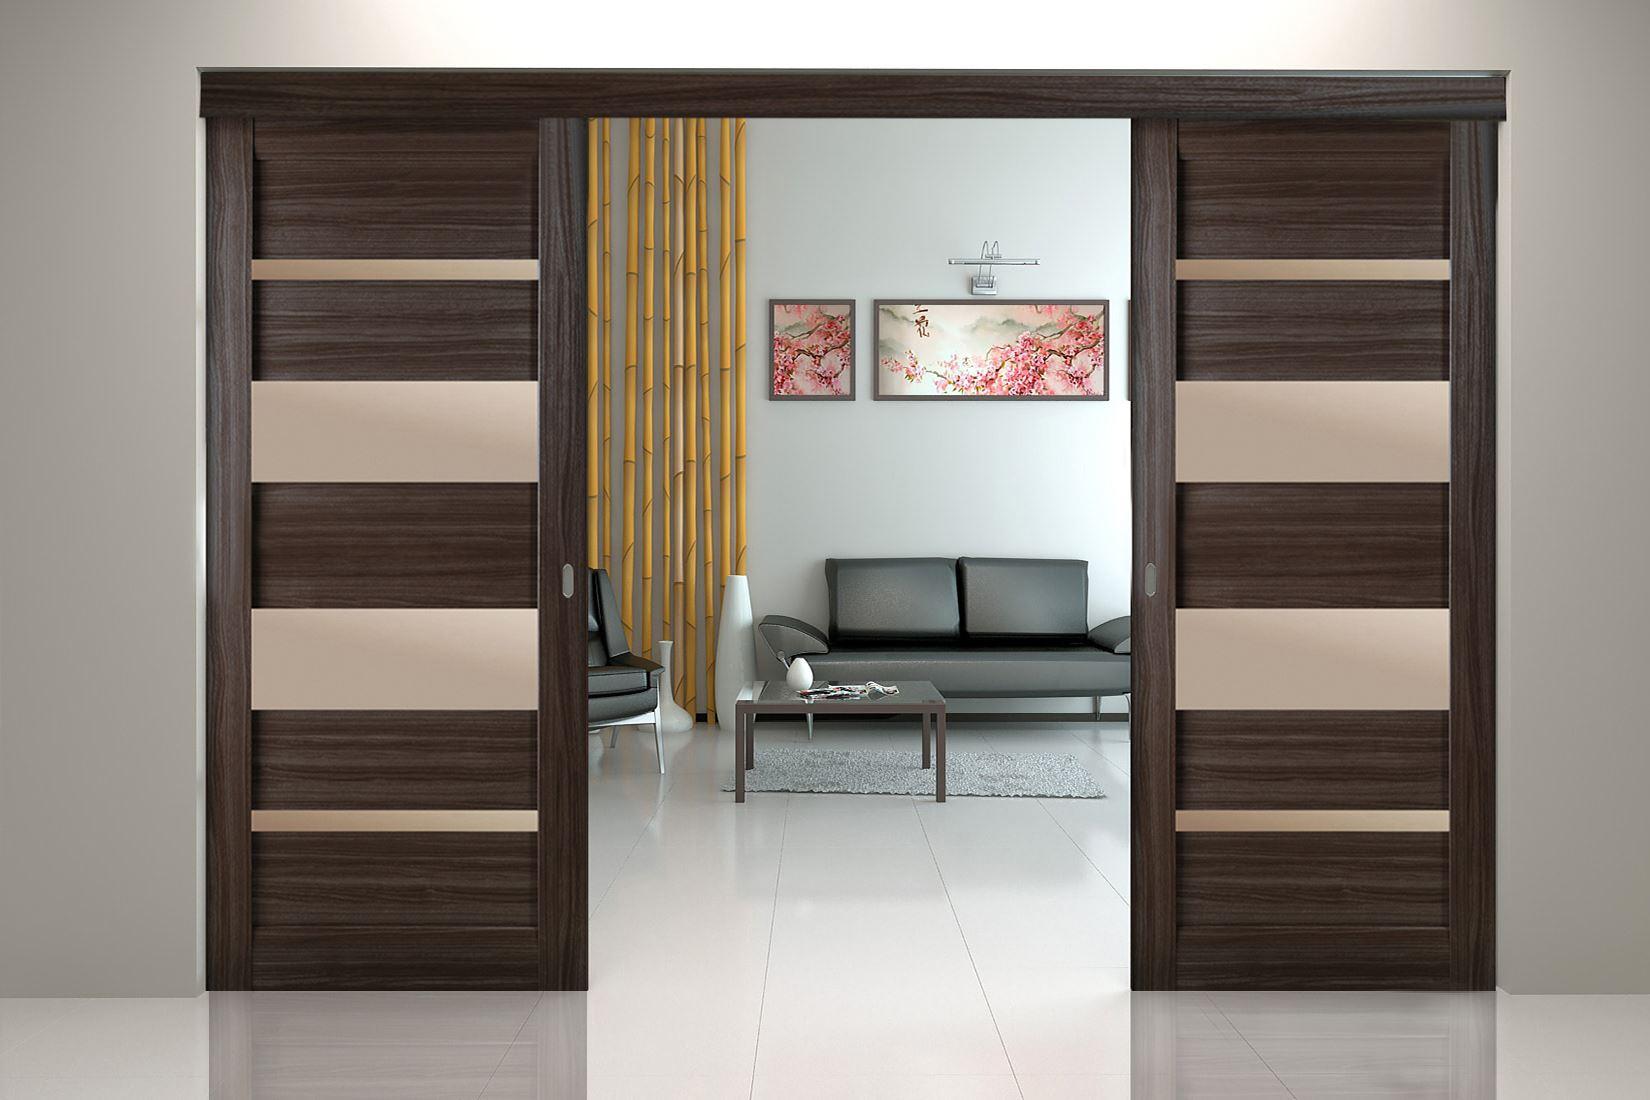 Раздвижная дверь из комбинированных материалов.